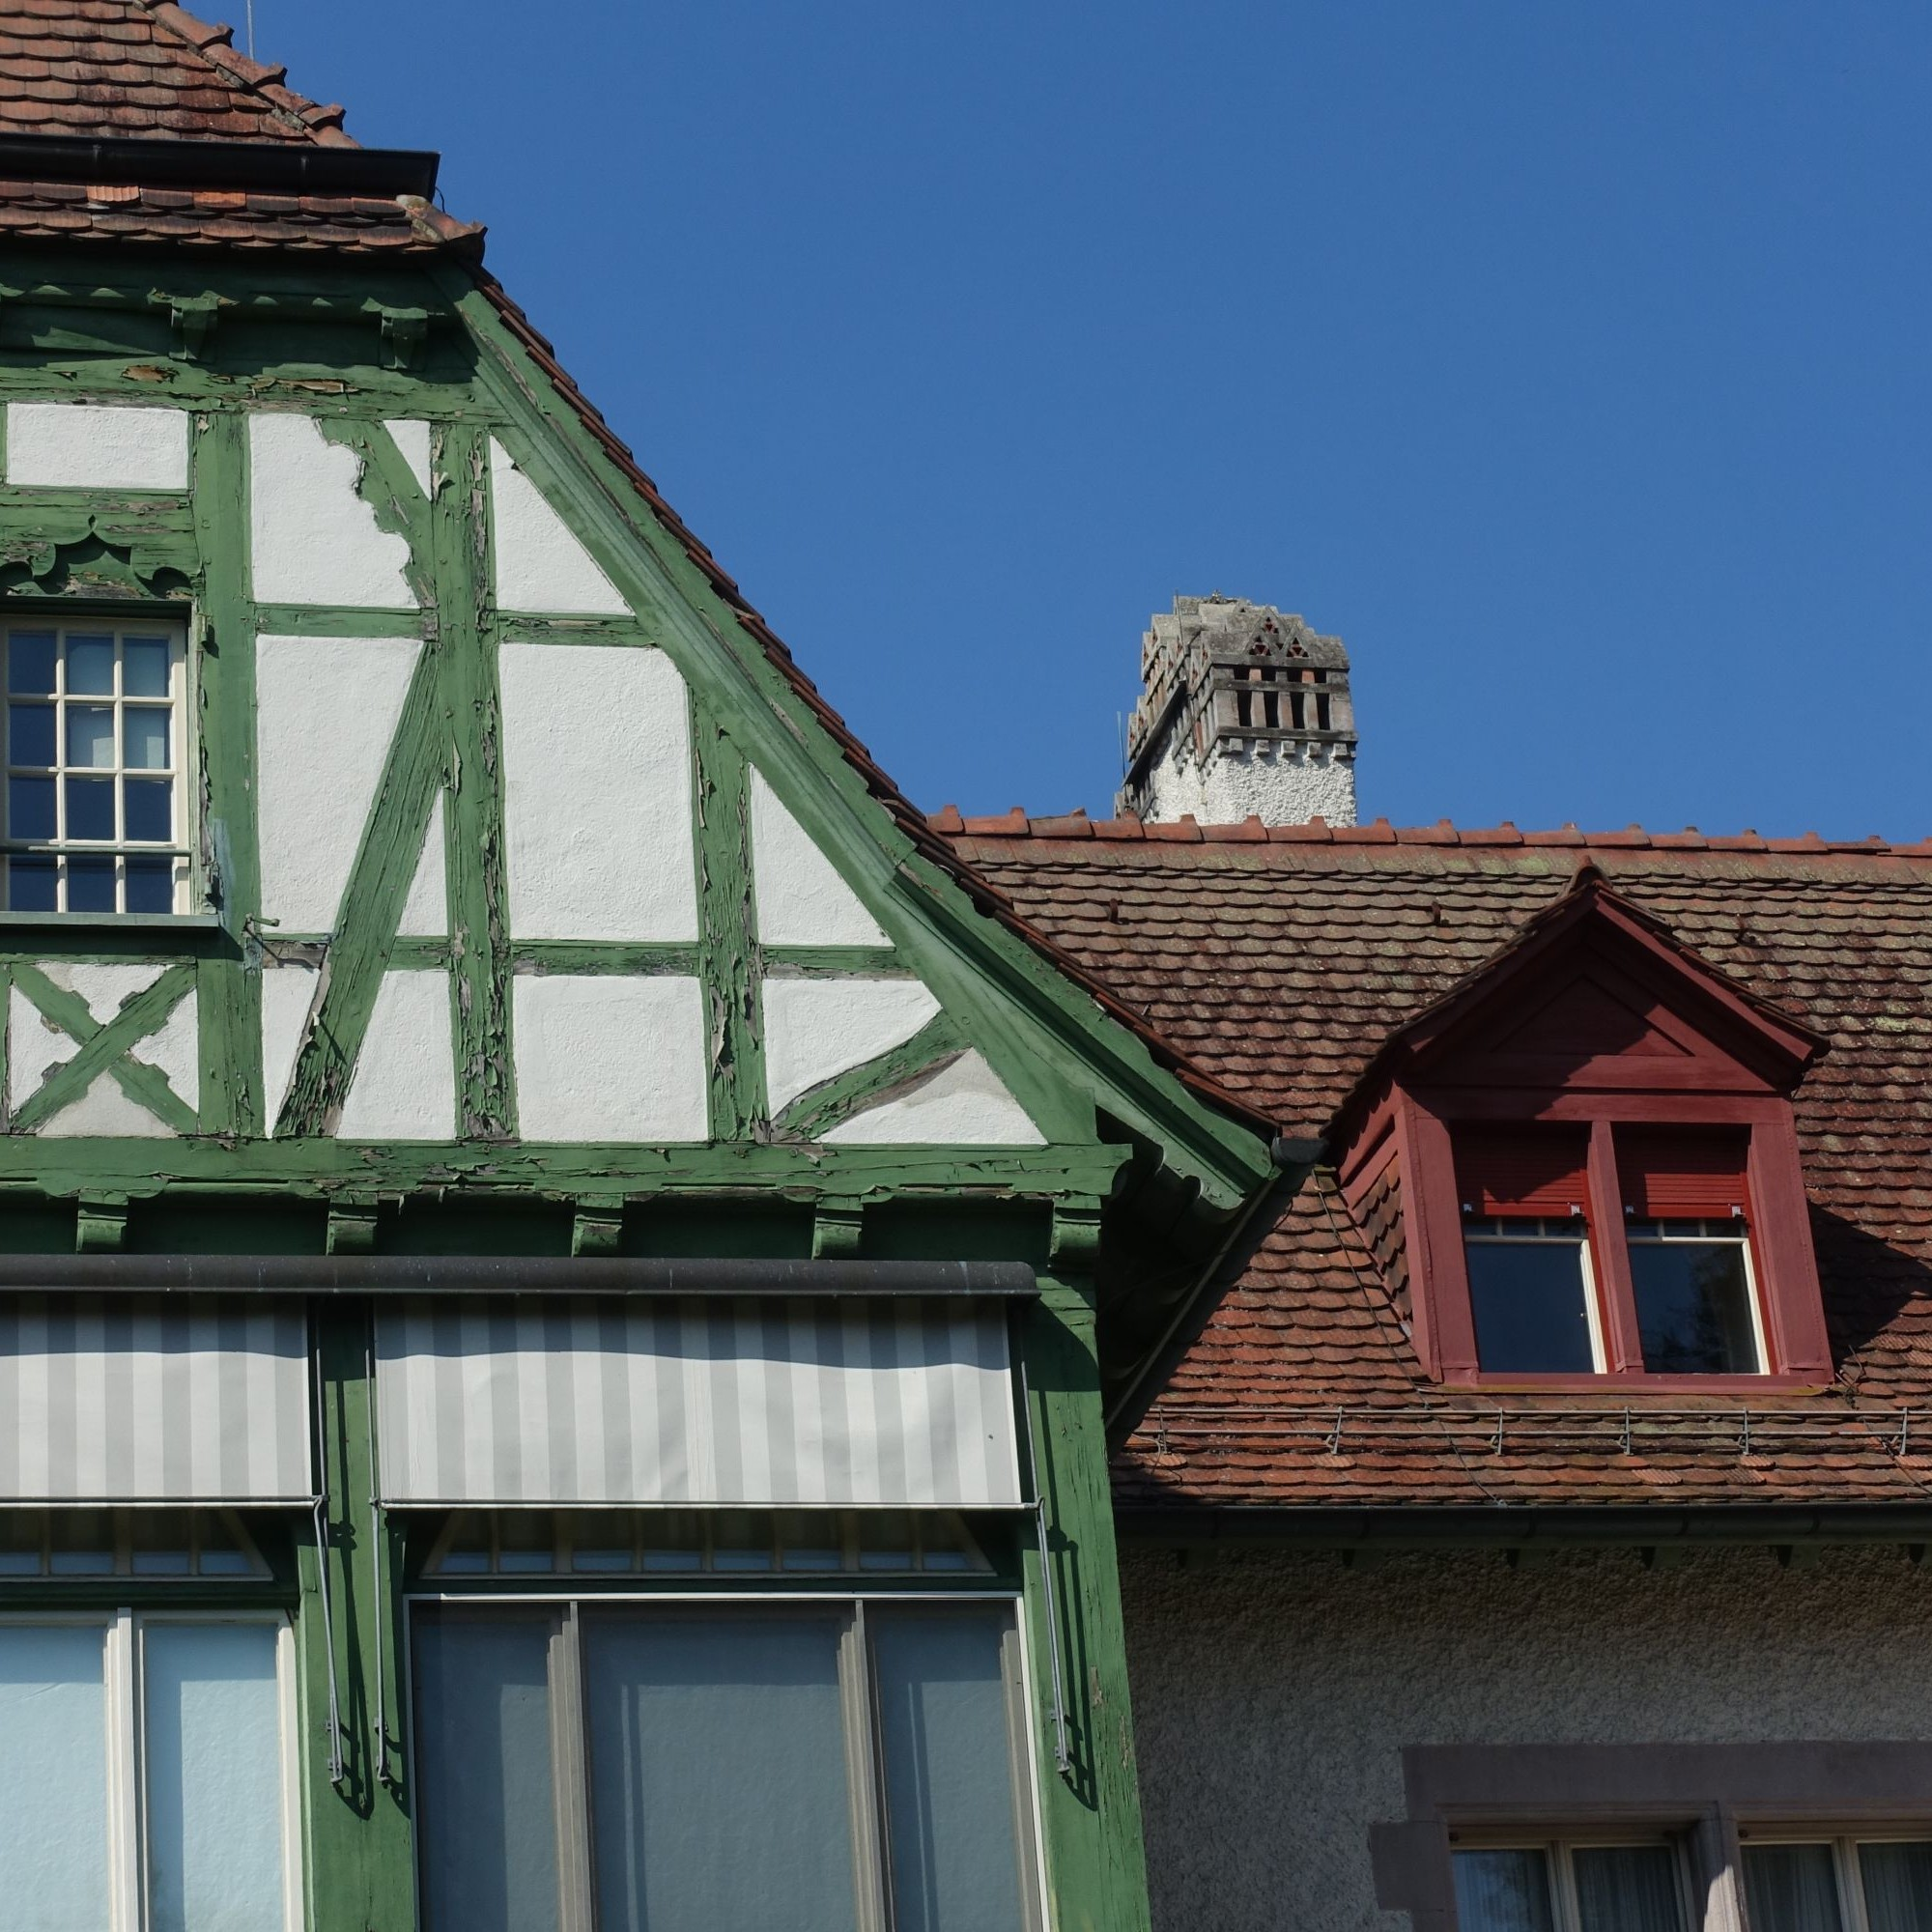 Der Sanierungsbedarf ist beim Fachwerk der Villa Langmatt nicht zu übersehen. Allerdings muss auch die Finanzierung sicher sein.